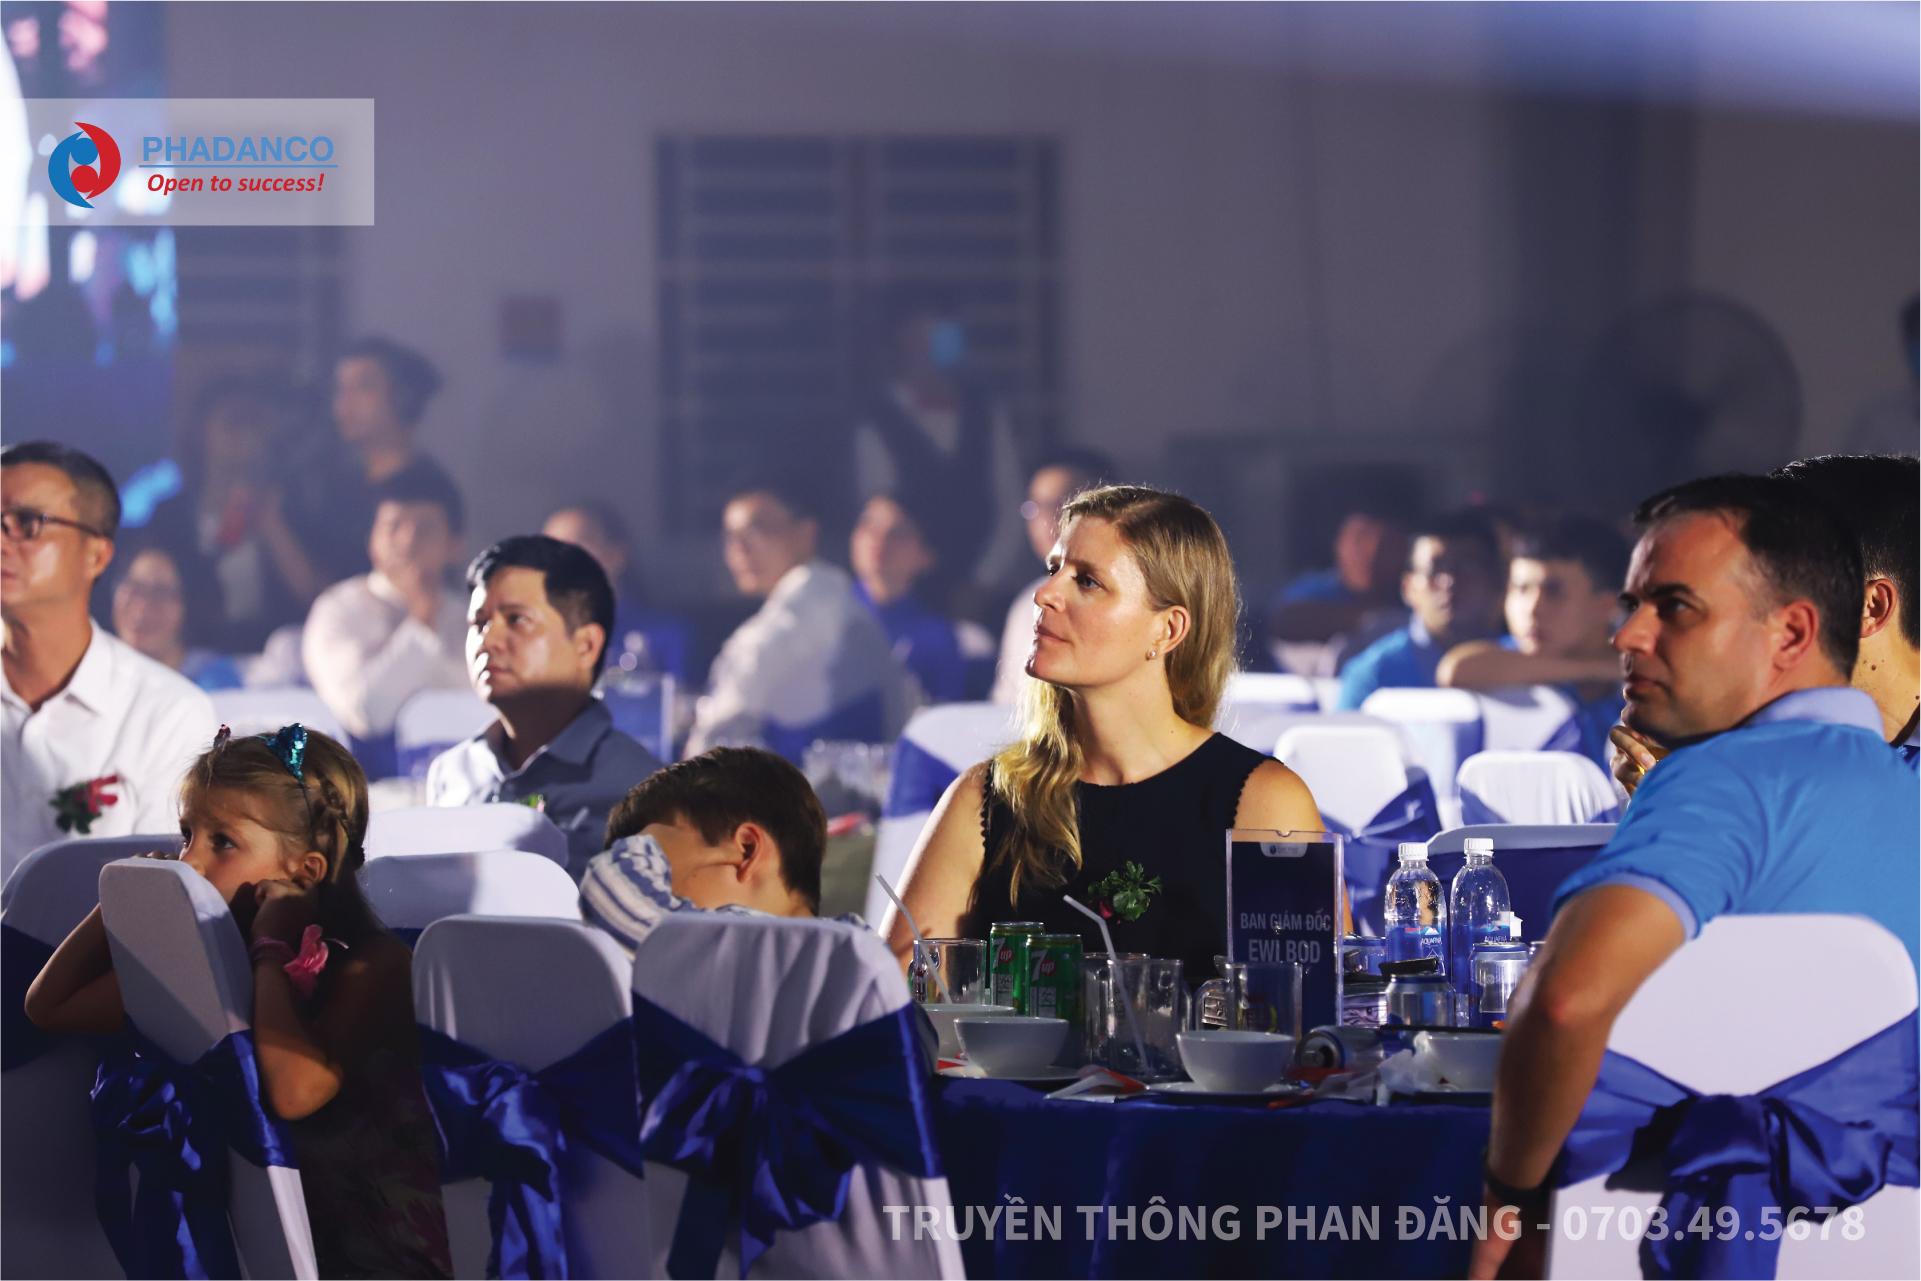 Đông ddaor khách hàng trong và ngoài nước tham dự buổi lễ khánh thành nhà máy mới East West Industries